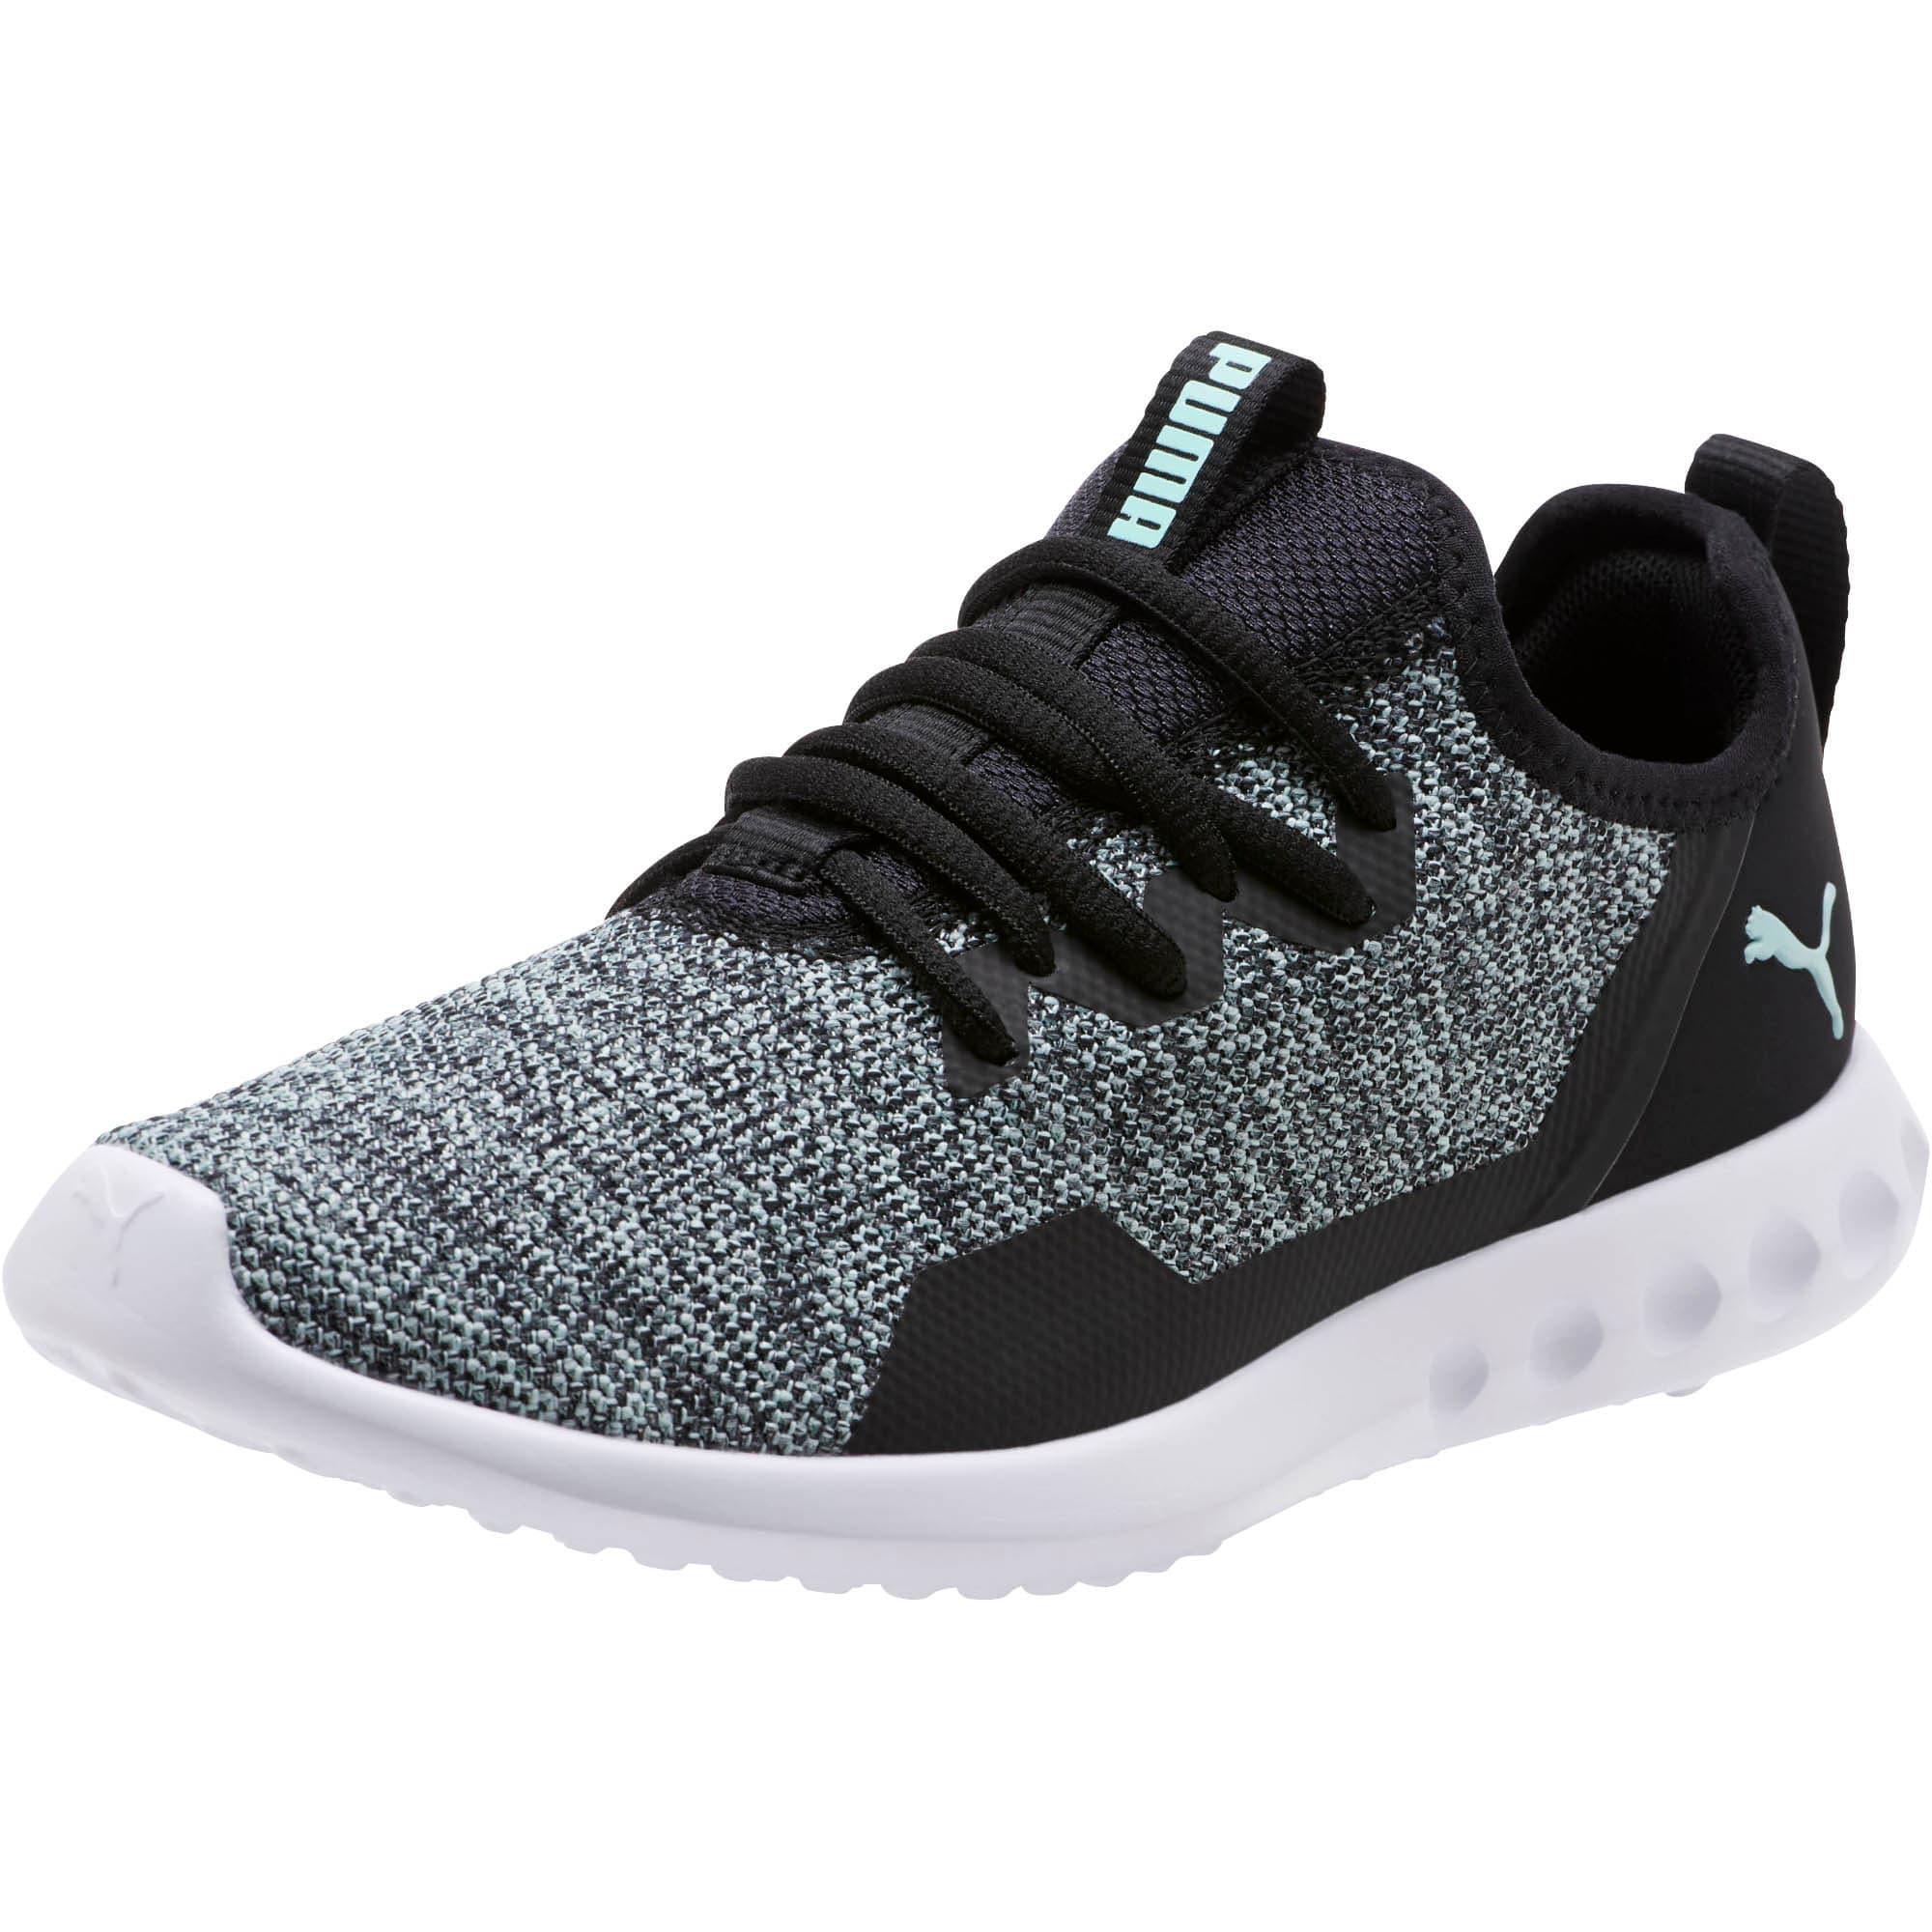 Thumbnail 1 of Carson 2 X Knit Women's Running Shoes, Puma Black-Fair Aqua, medium